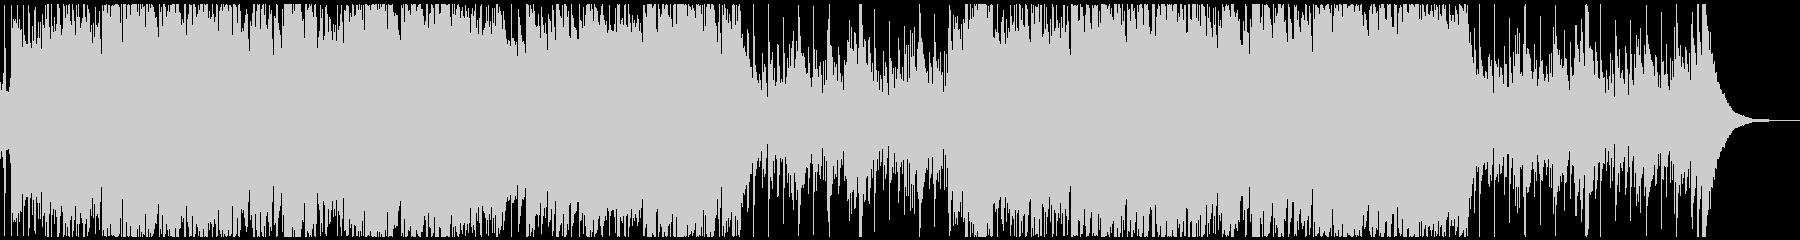 ハンドパンメインの激しいBGMの未再生の波形